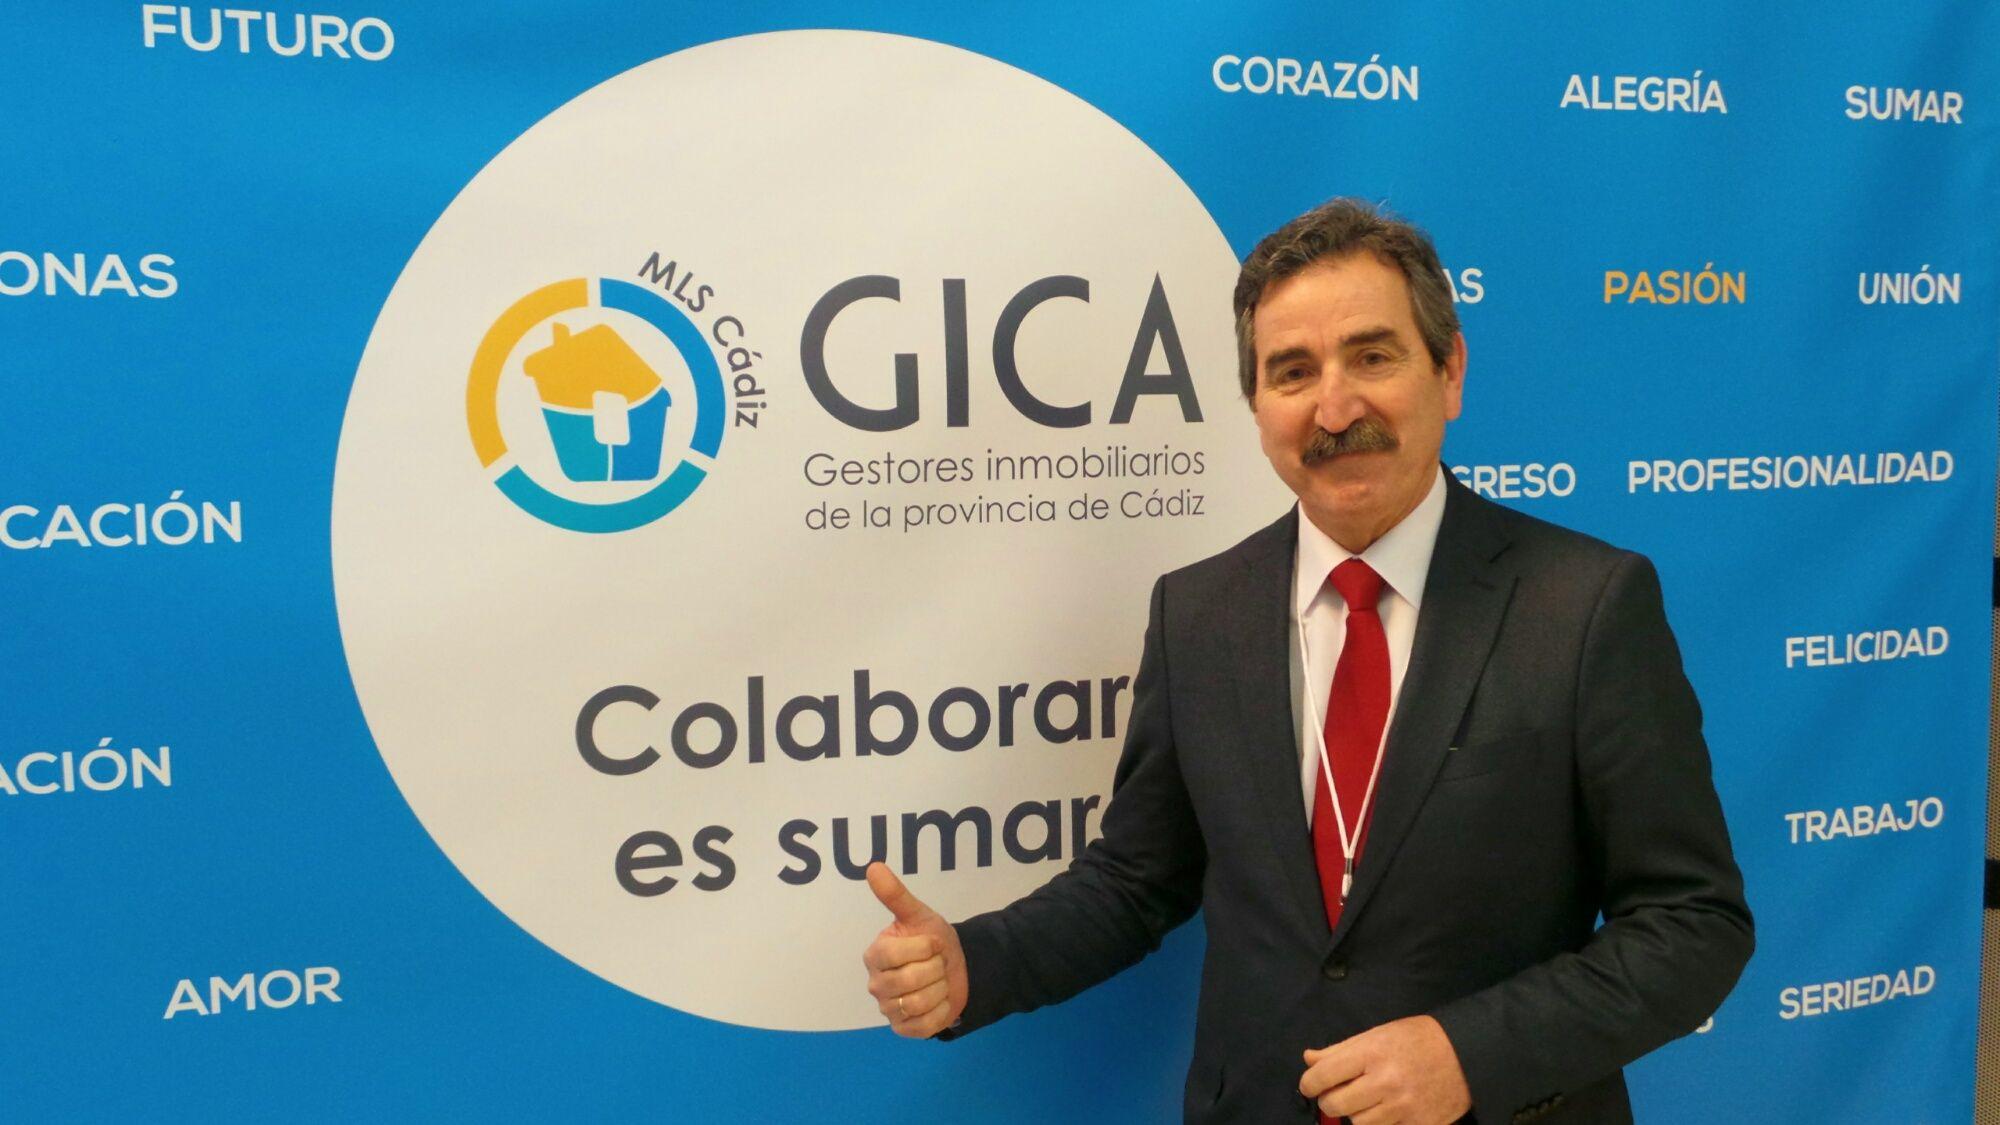 Eduardo Aparcero, presidente de GICA (Asociación de Gestores Inmobiliarios de la Provincia de Cádiz) | MIRA Comunicación